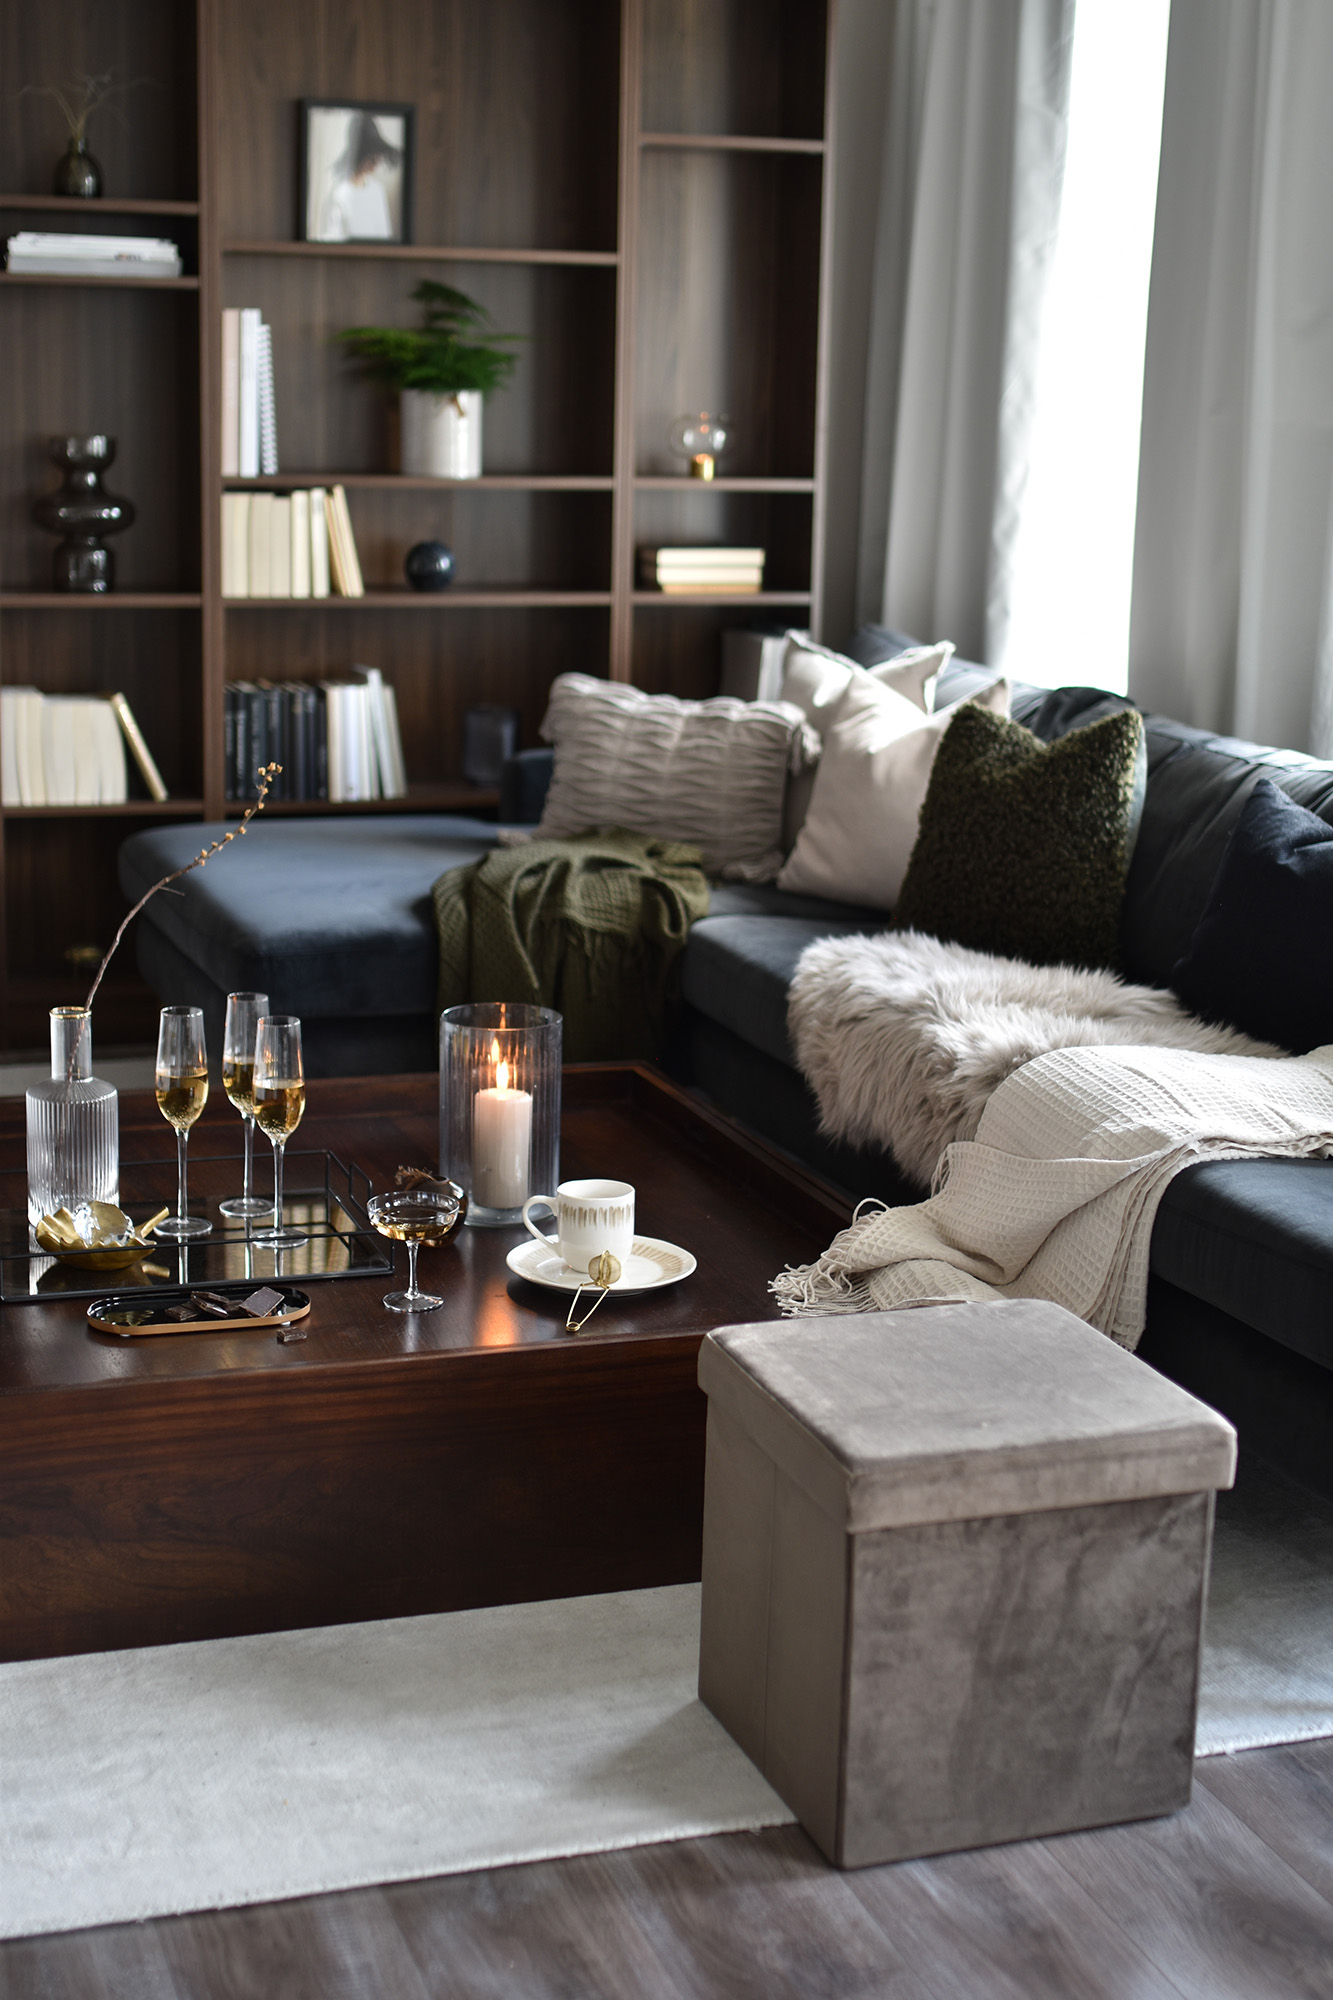 Se hvor godt den blåsorte vasen går sammen med fargen på sofaen, eller hvordan grønnfargen i pleddet skaper en fin sammenheng med de grønne plantene og puta